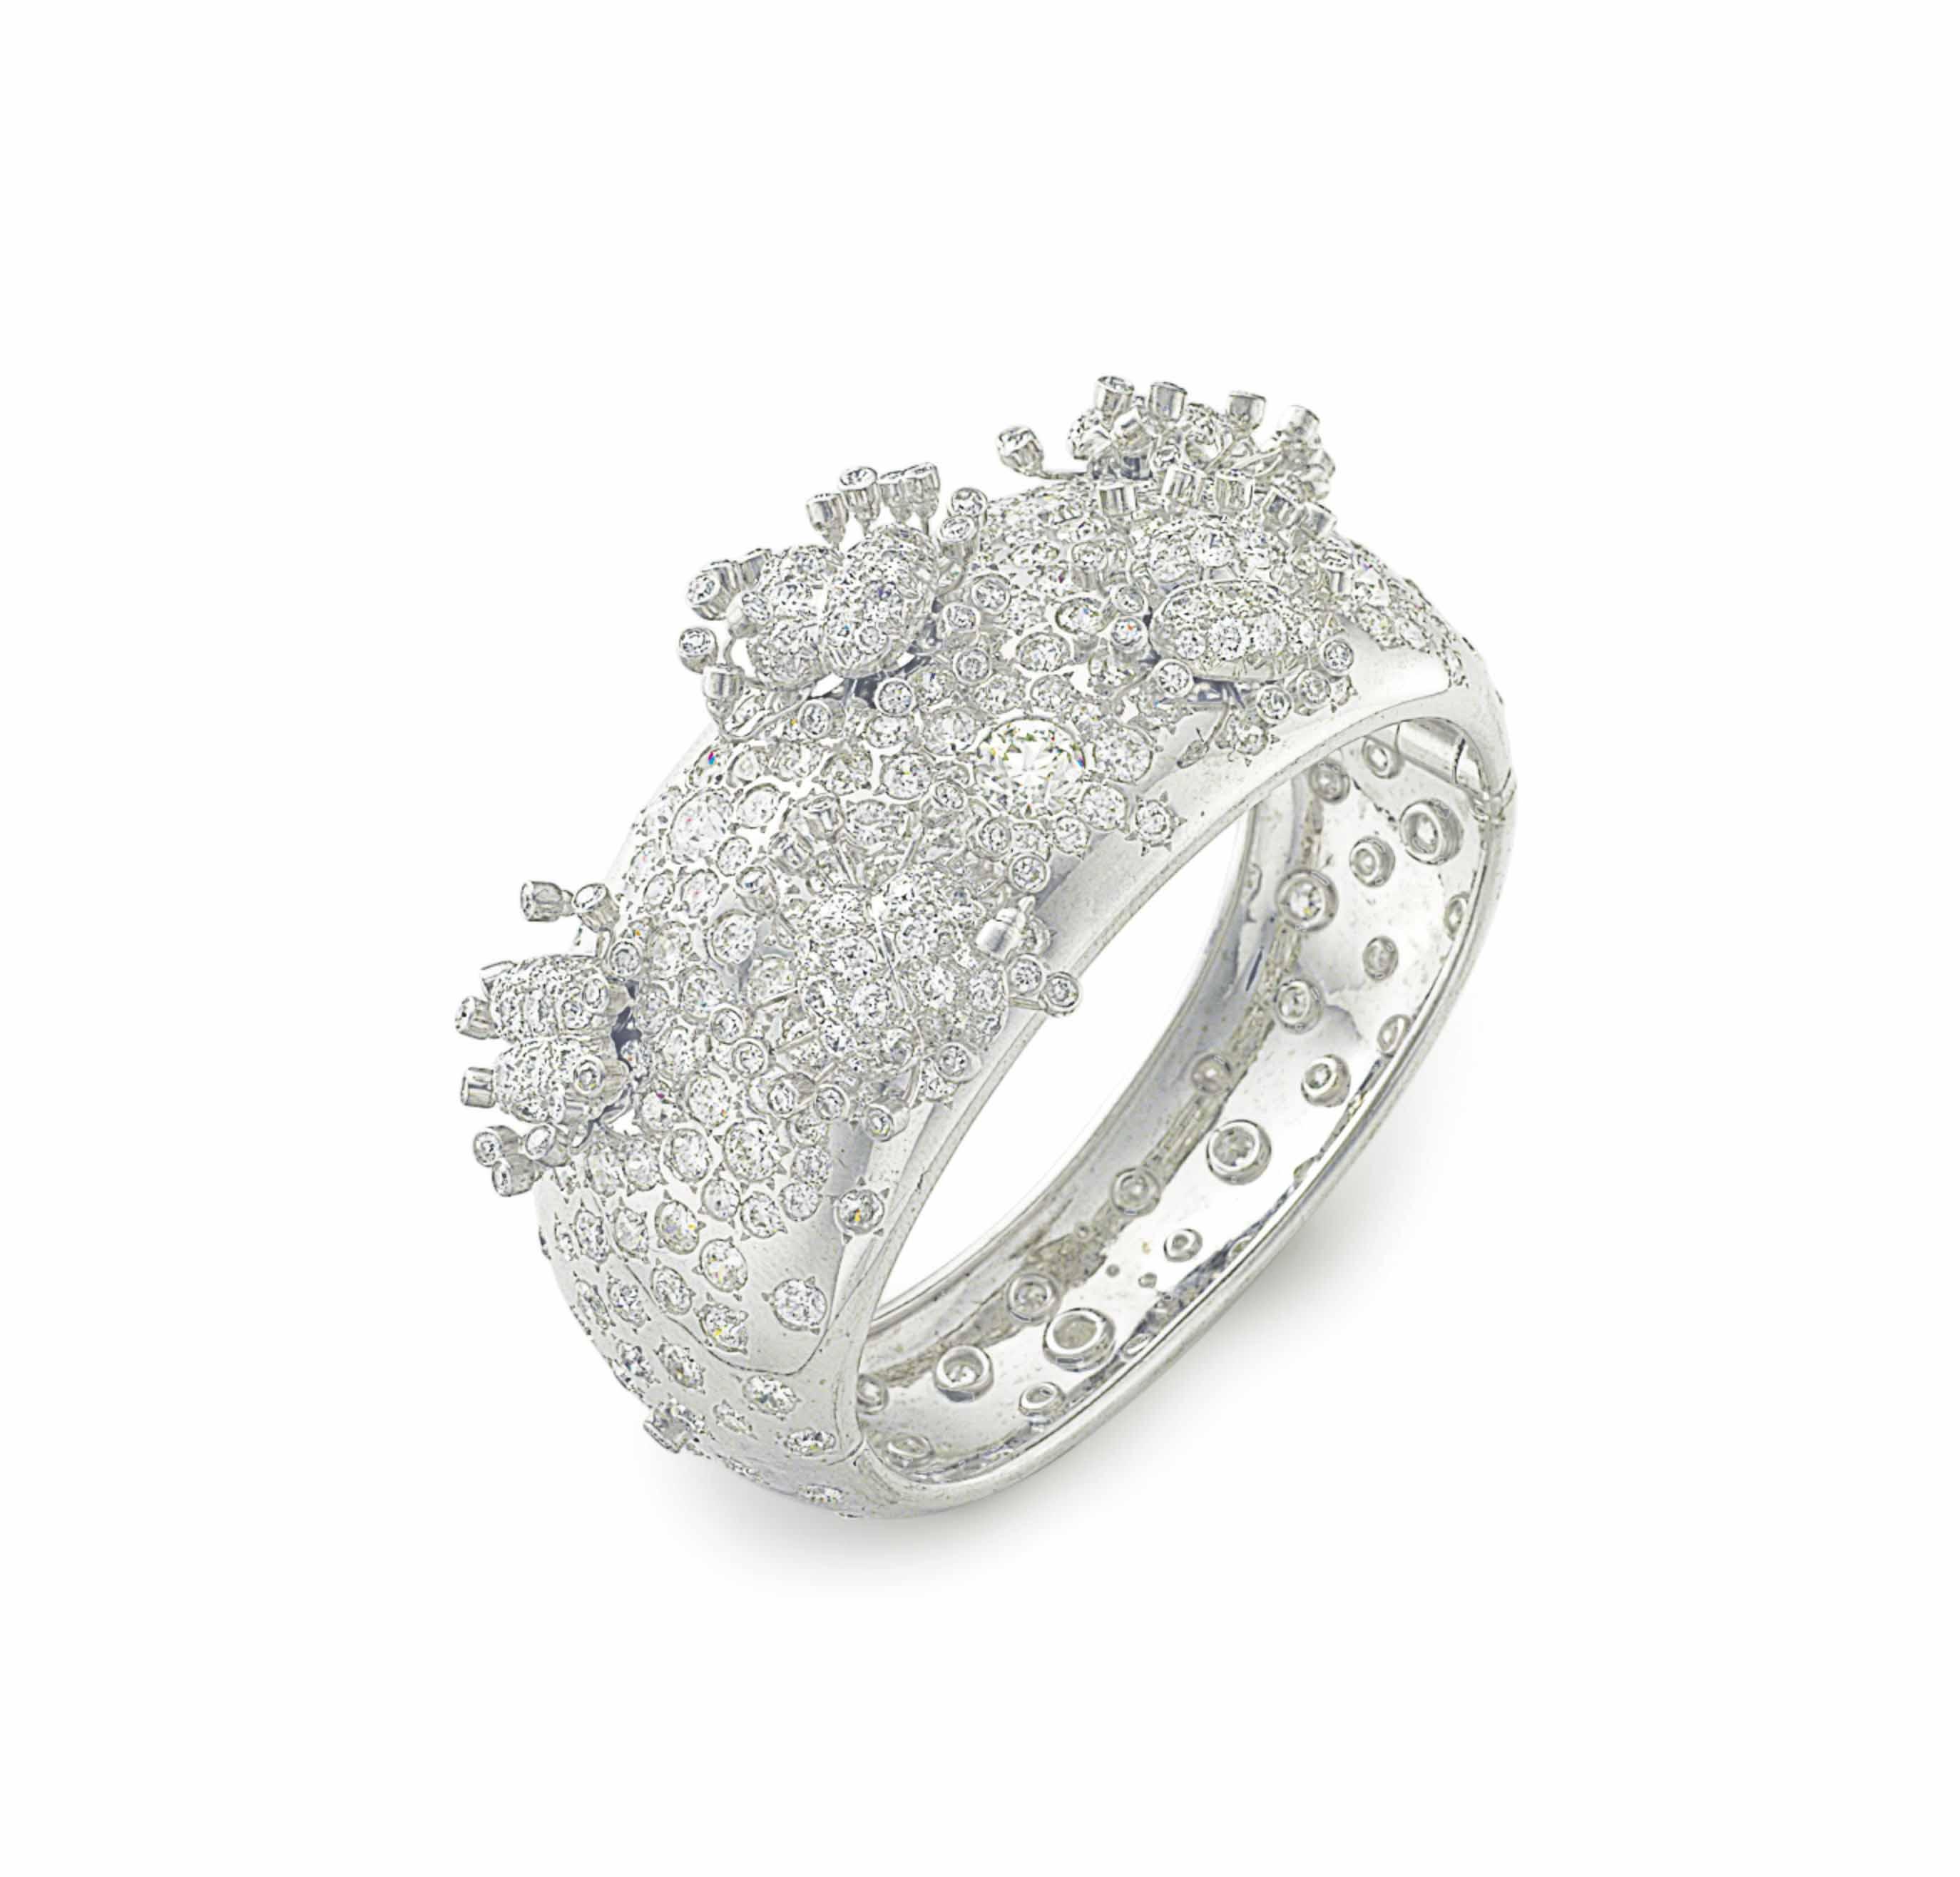 A DIAMOND BANGLE BRACELET, BY JEAN SCHLUMBERGER